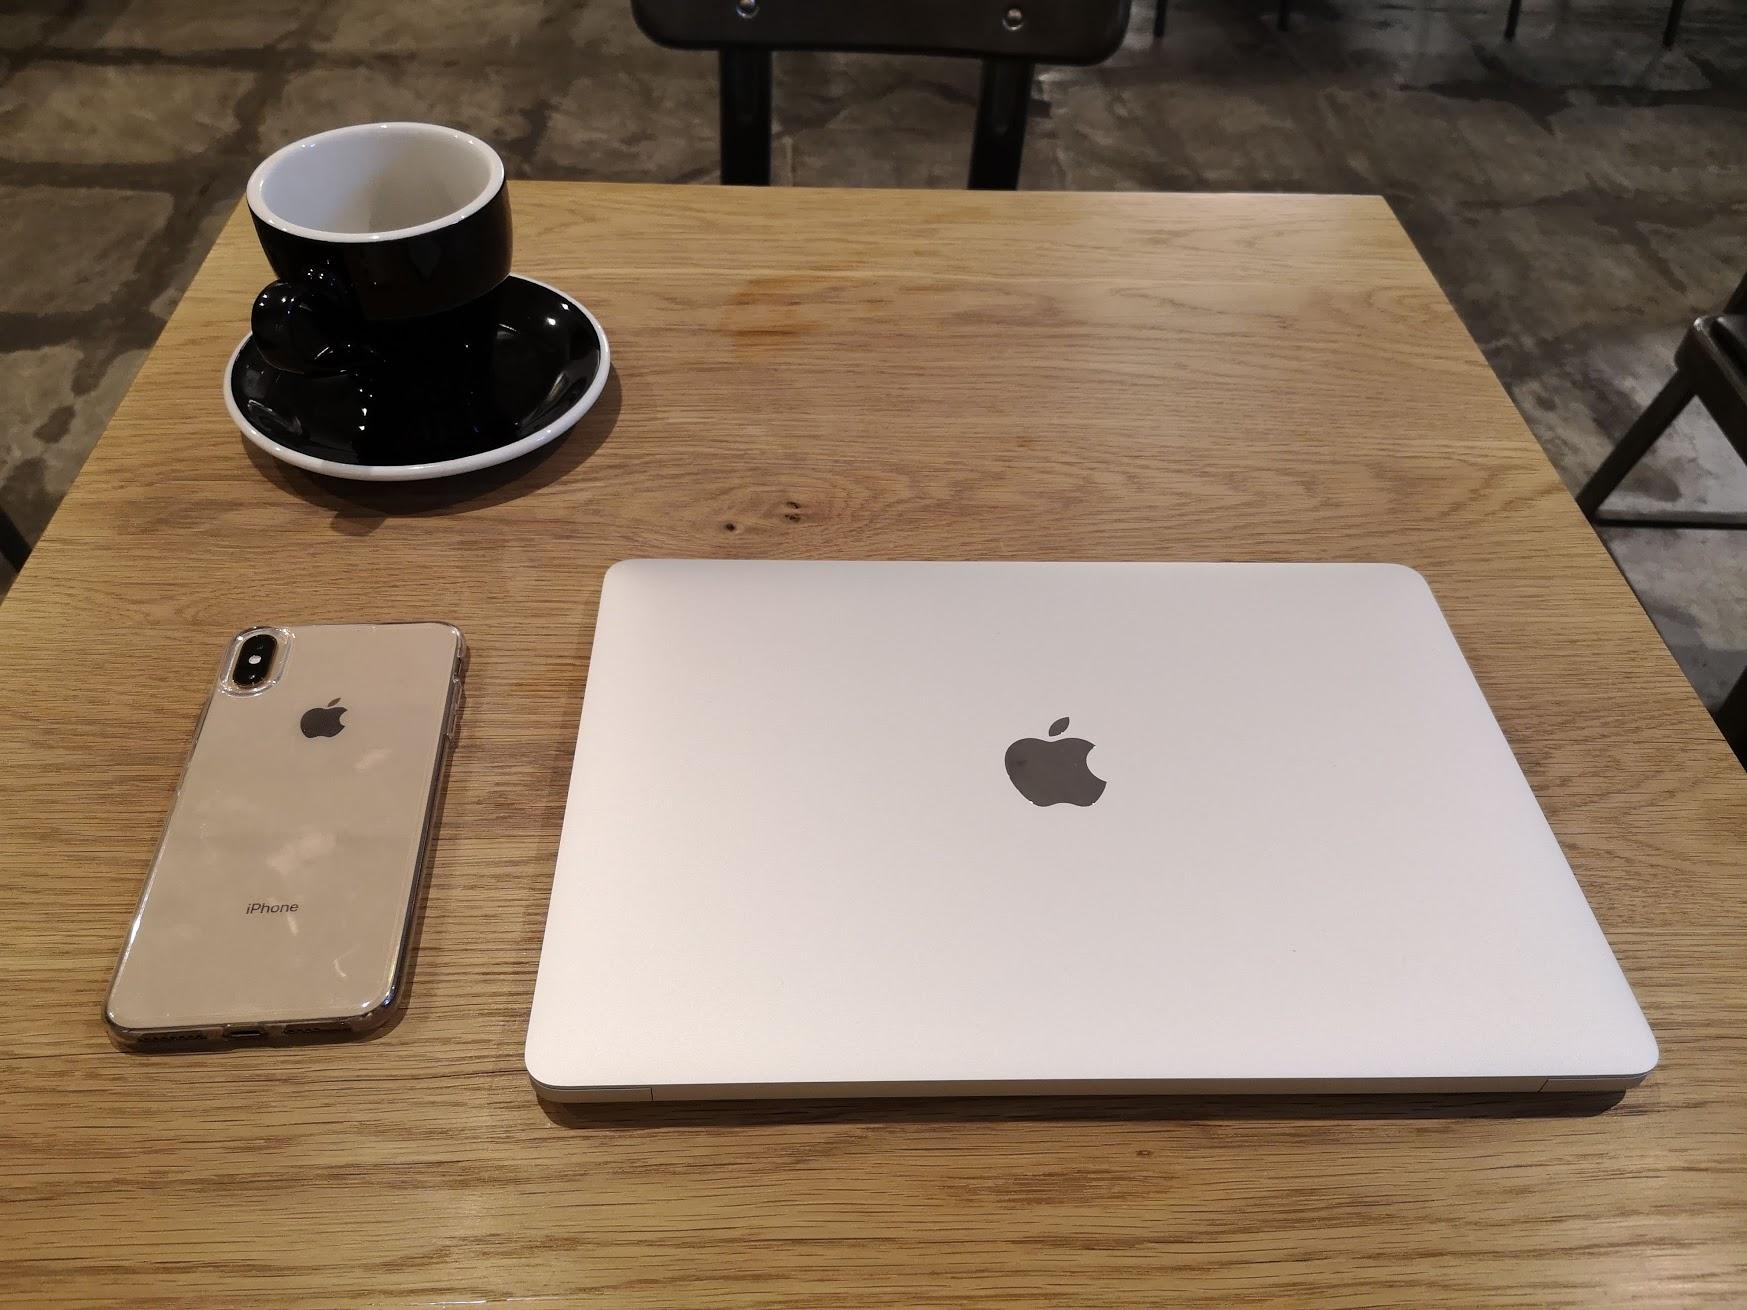 MacBook Air 2018の重さはどうか?カフェでの作業や持ち運びに向いている?